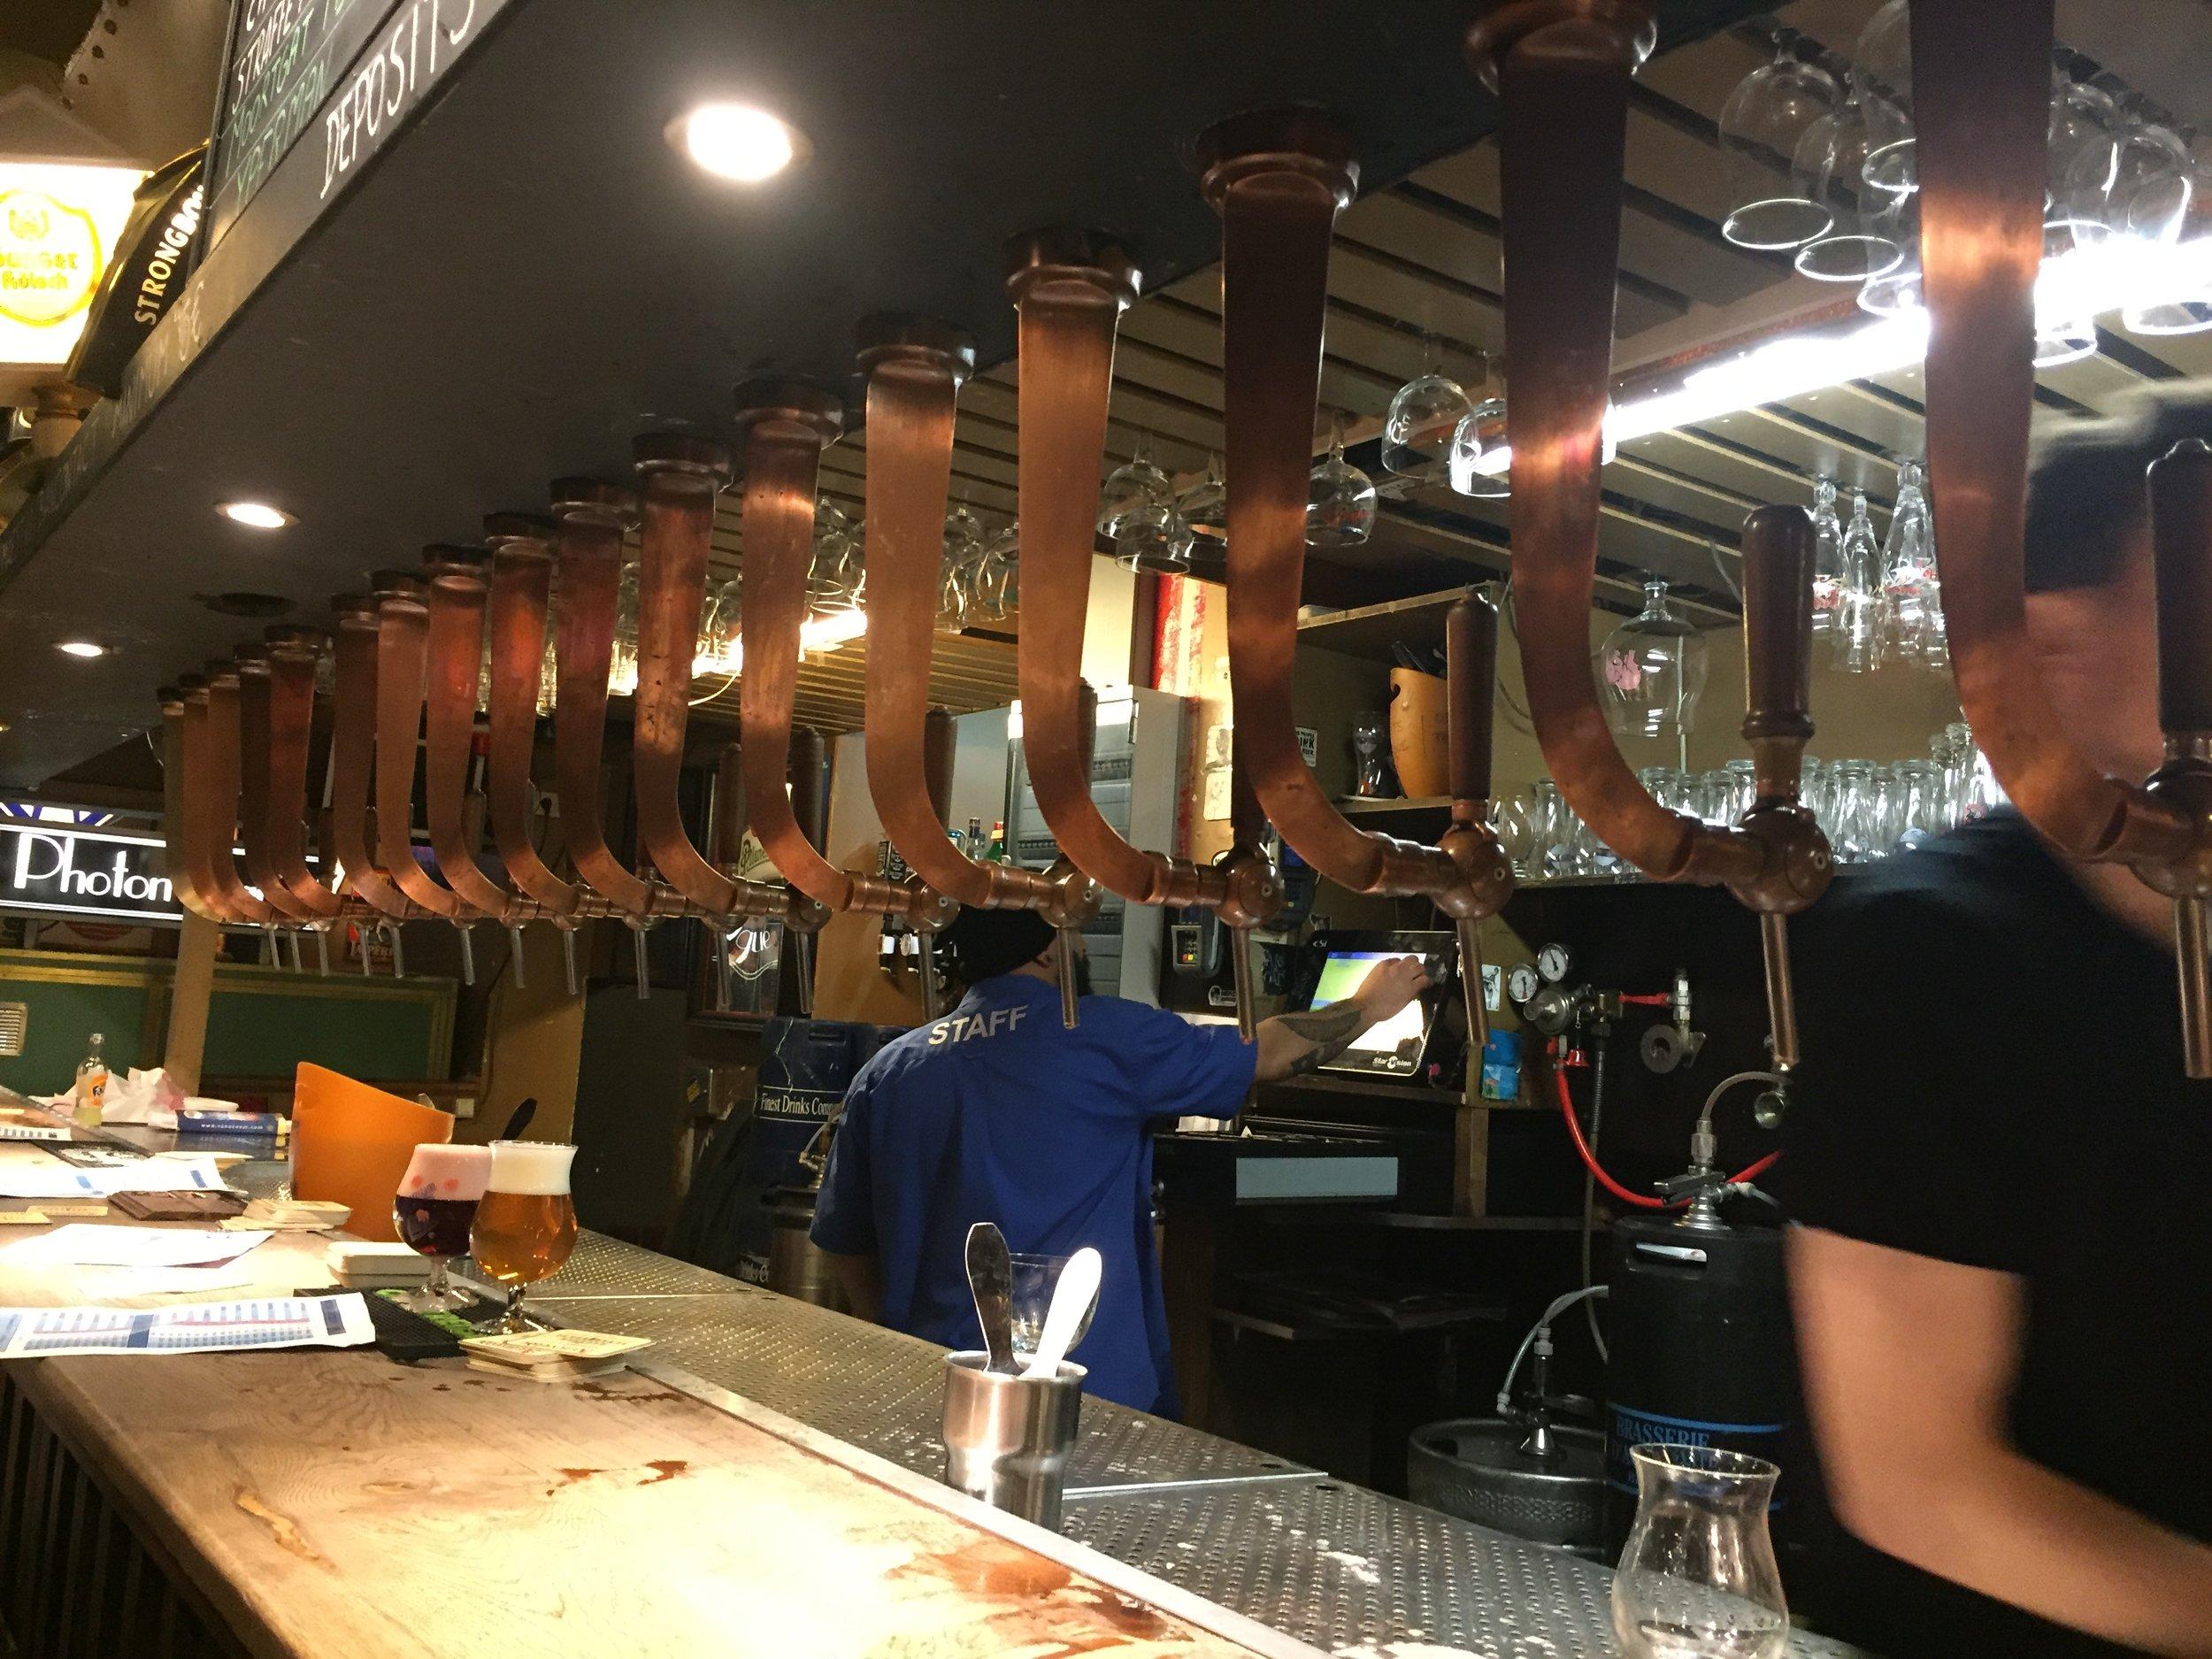 Mmm...beer taps.